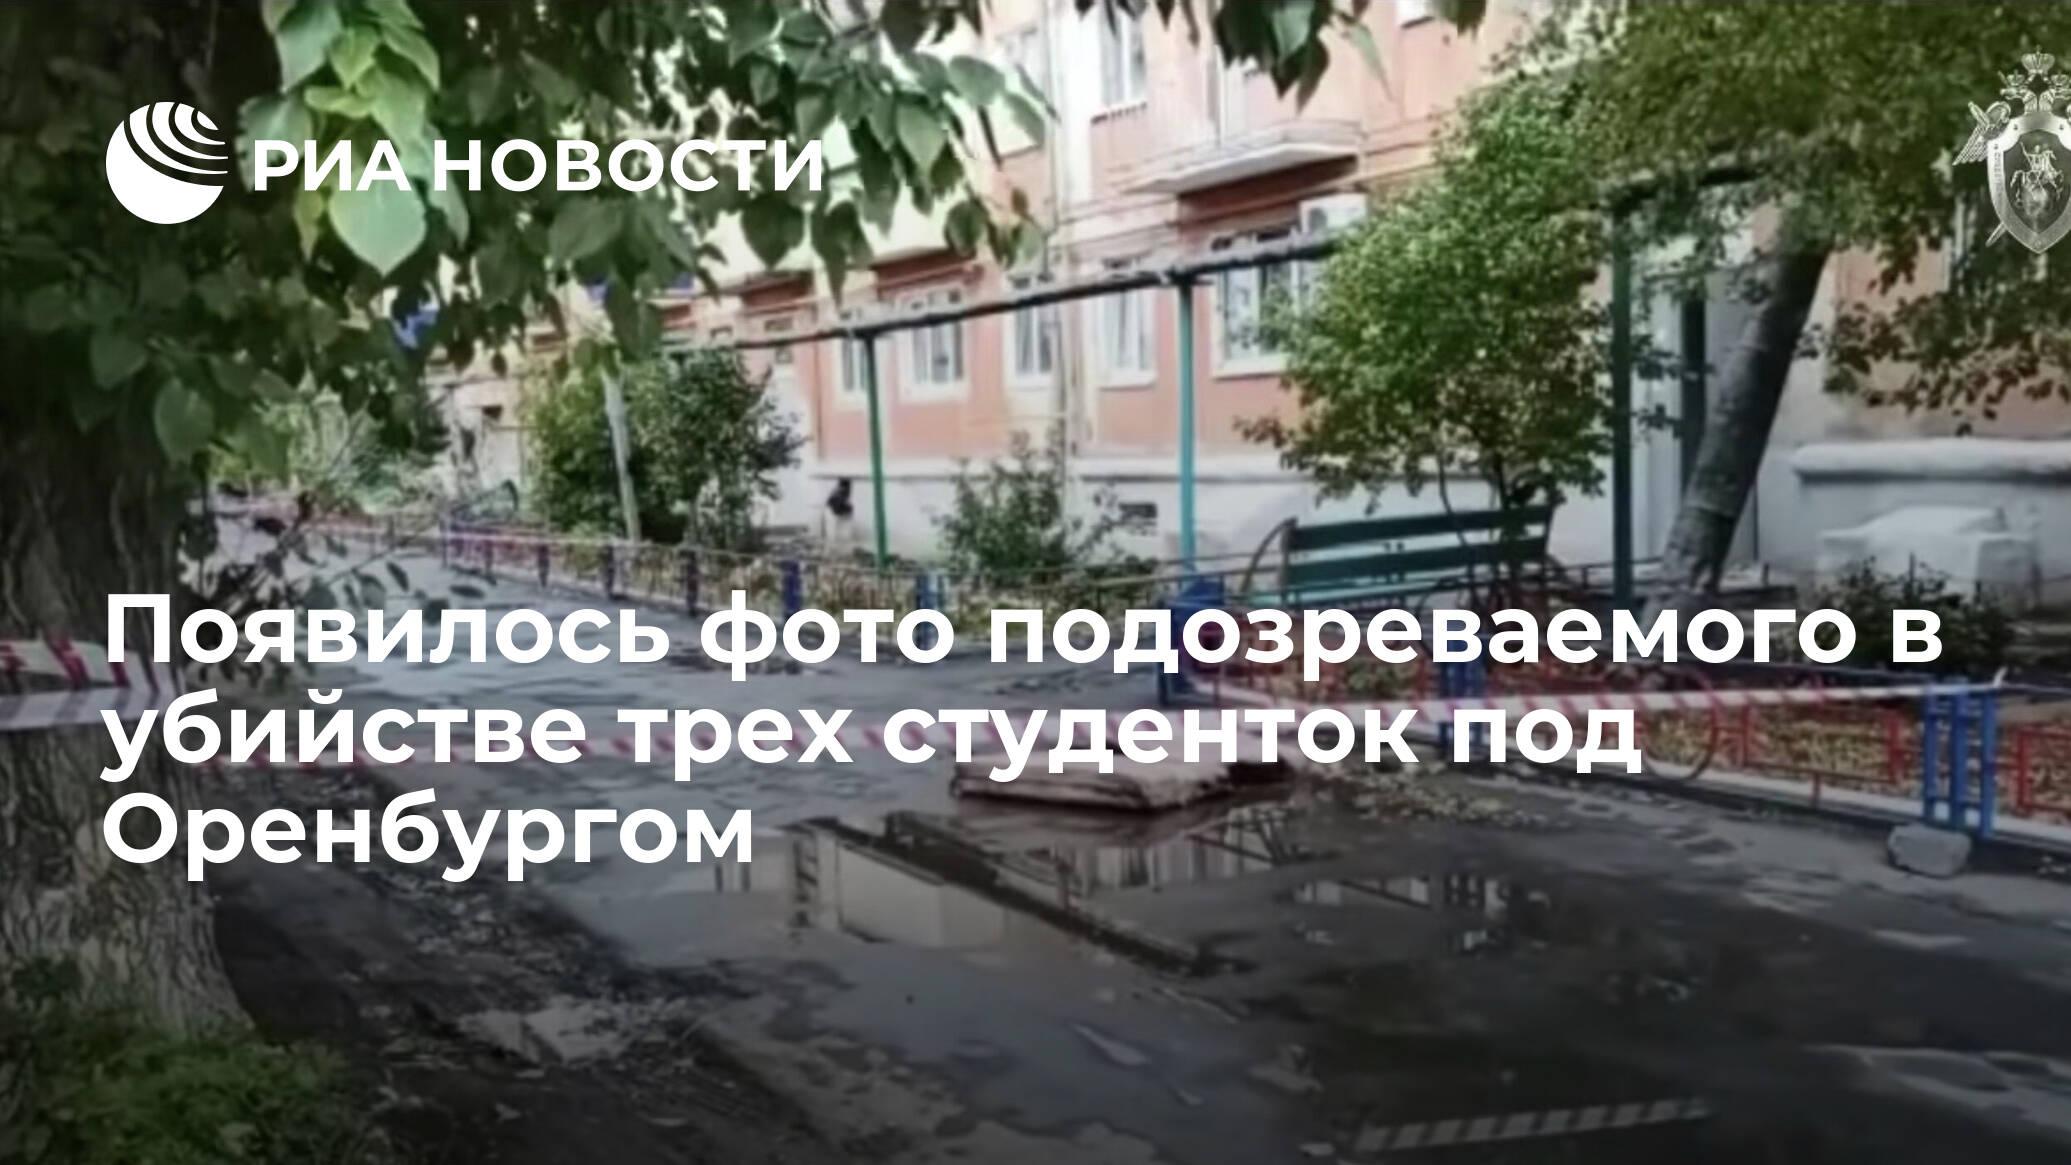 Появилось фото подозреваемого в убийстве трех студенток под Оренбургом